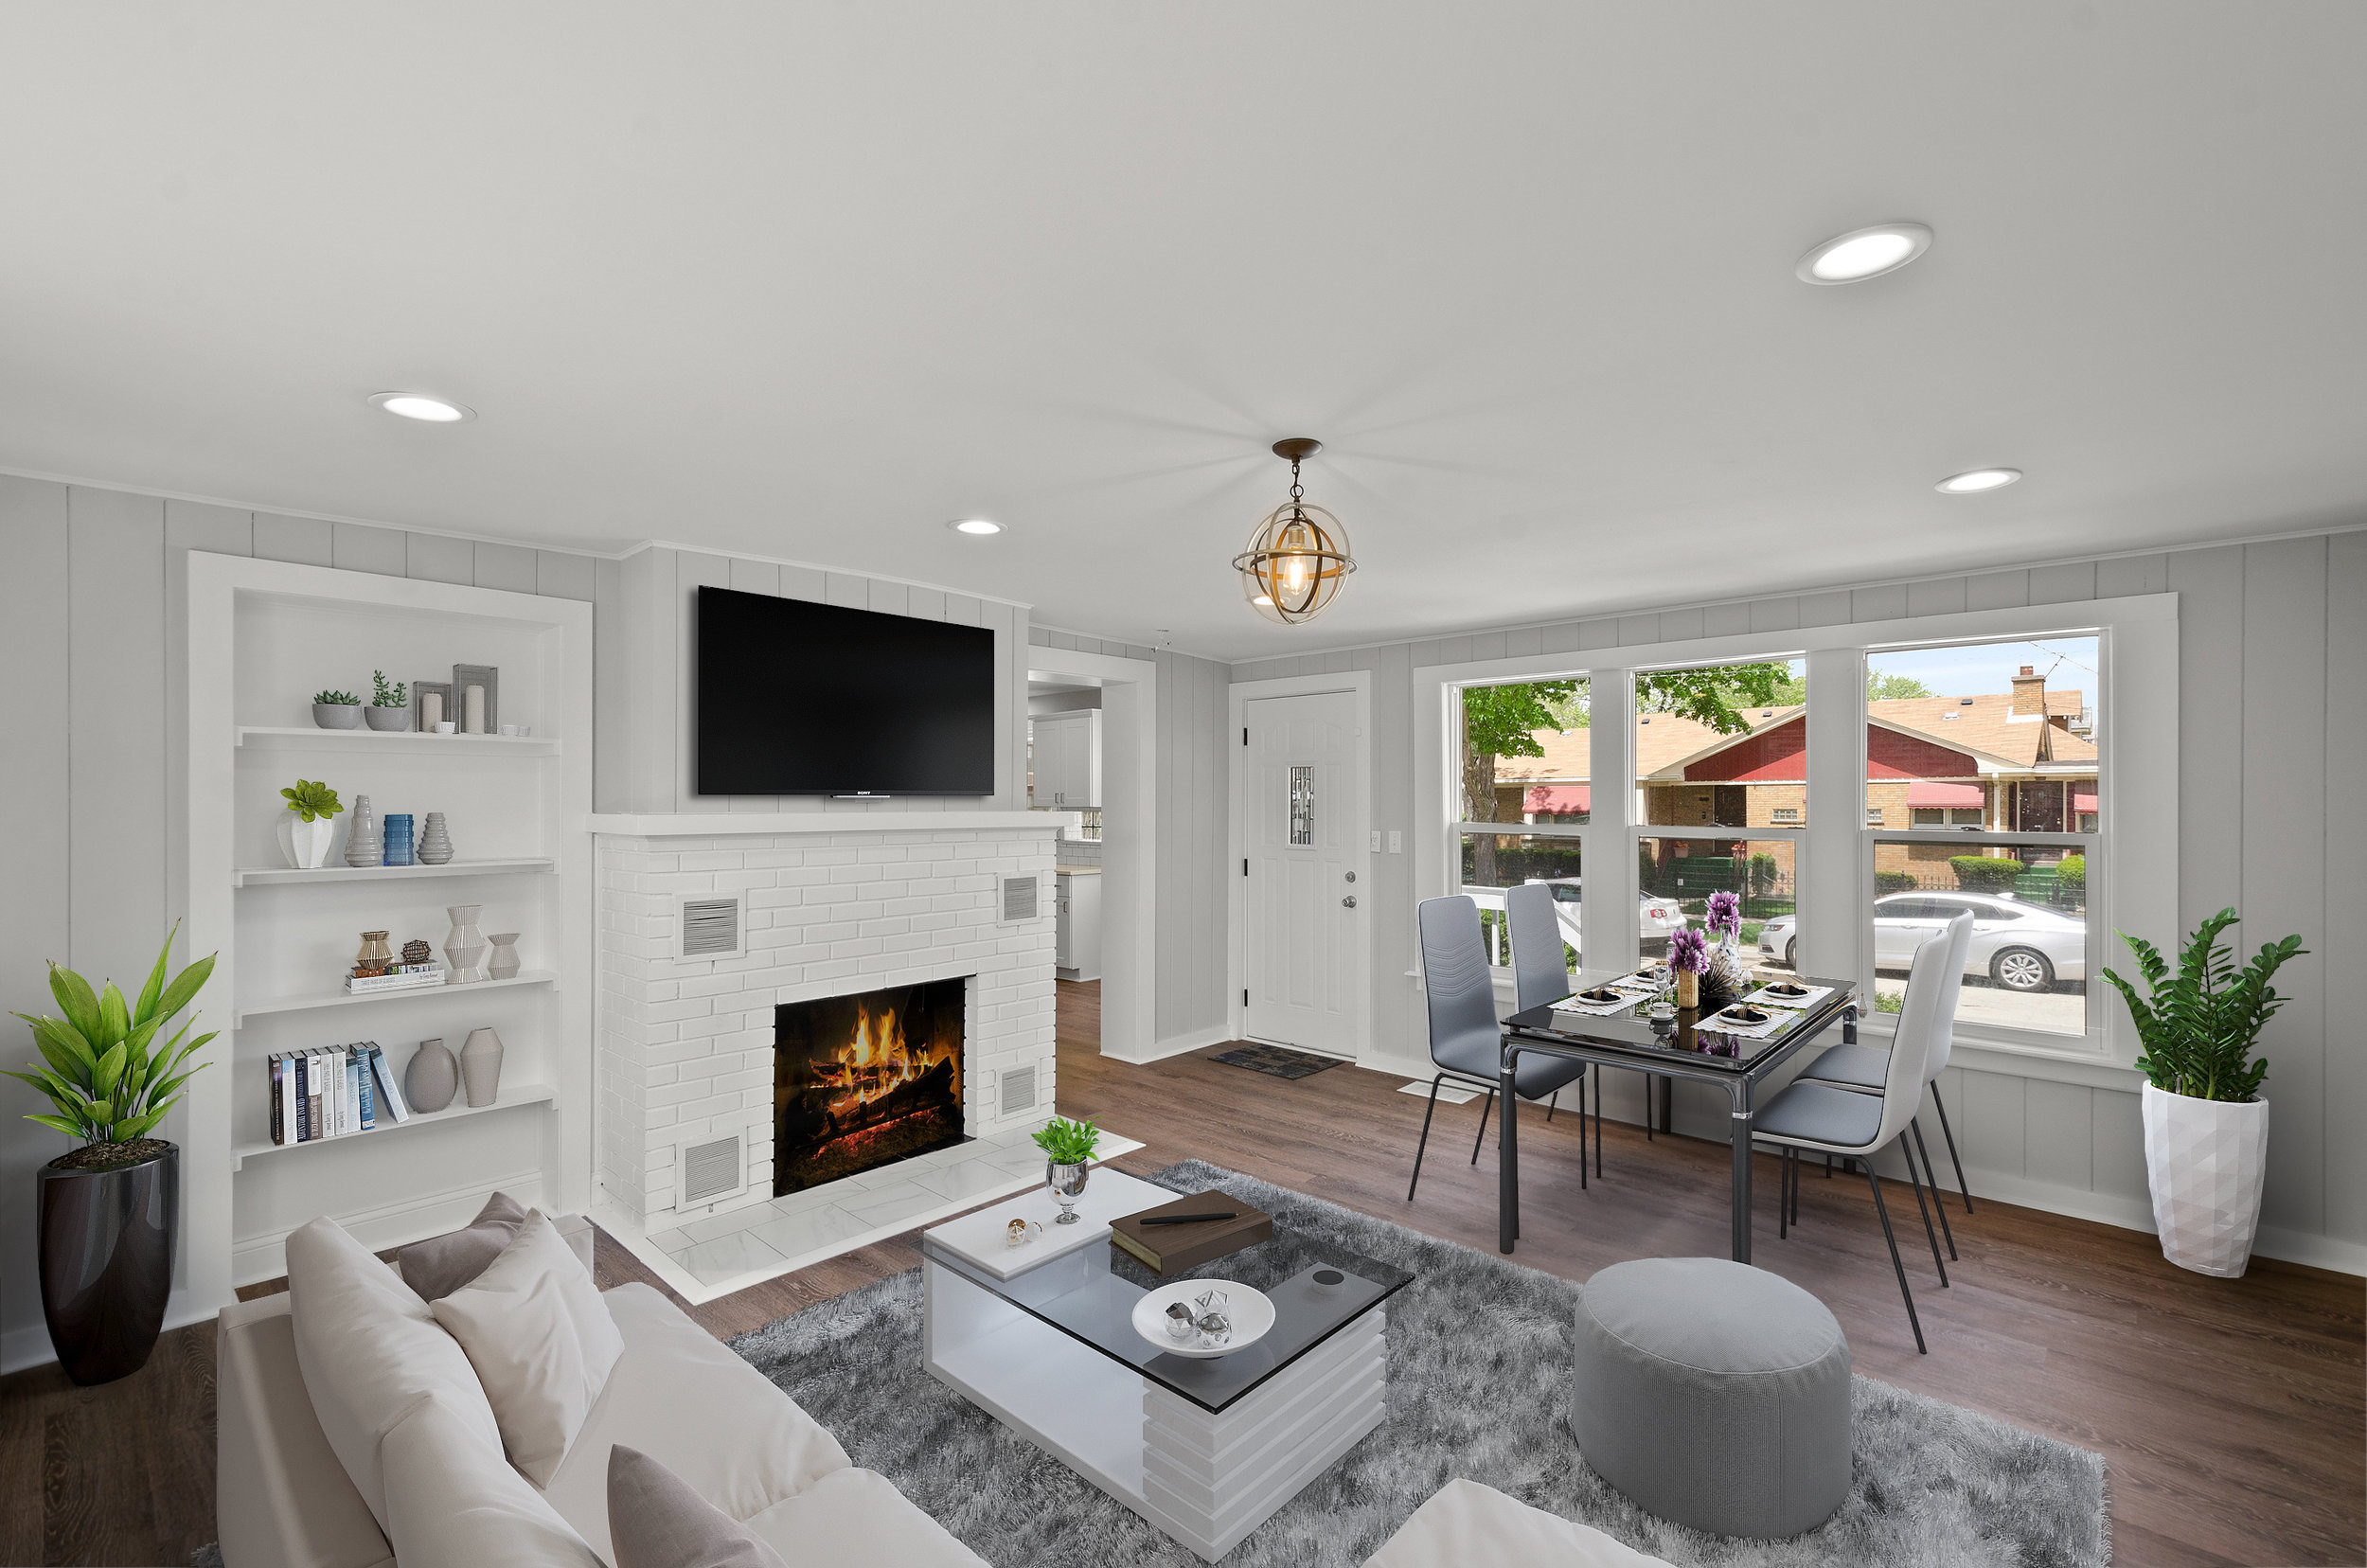 8601 South Laflin Avenue - $219,000